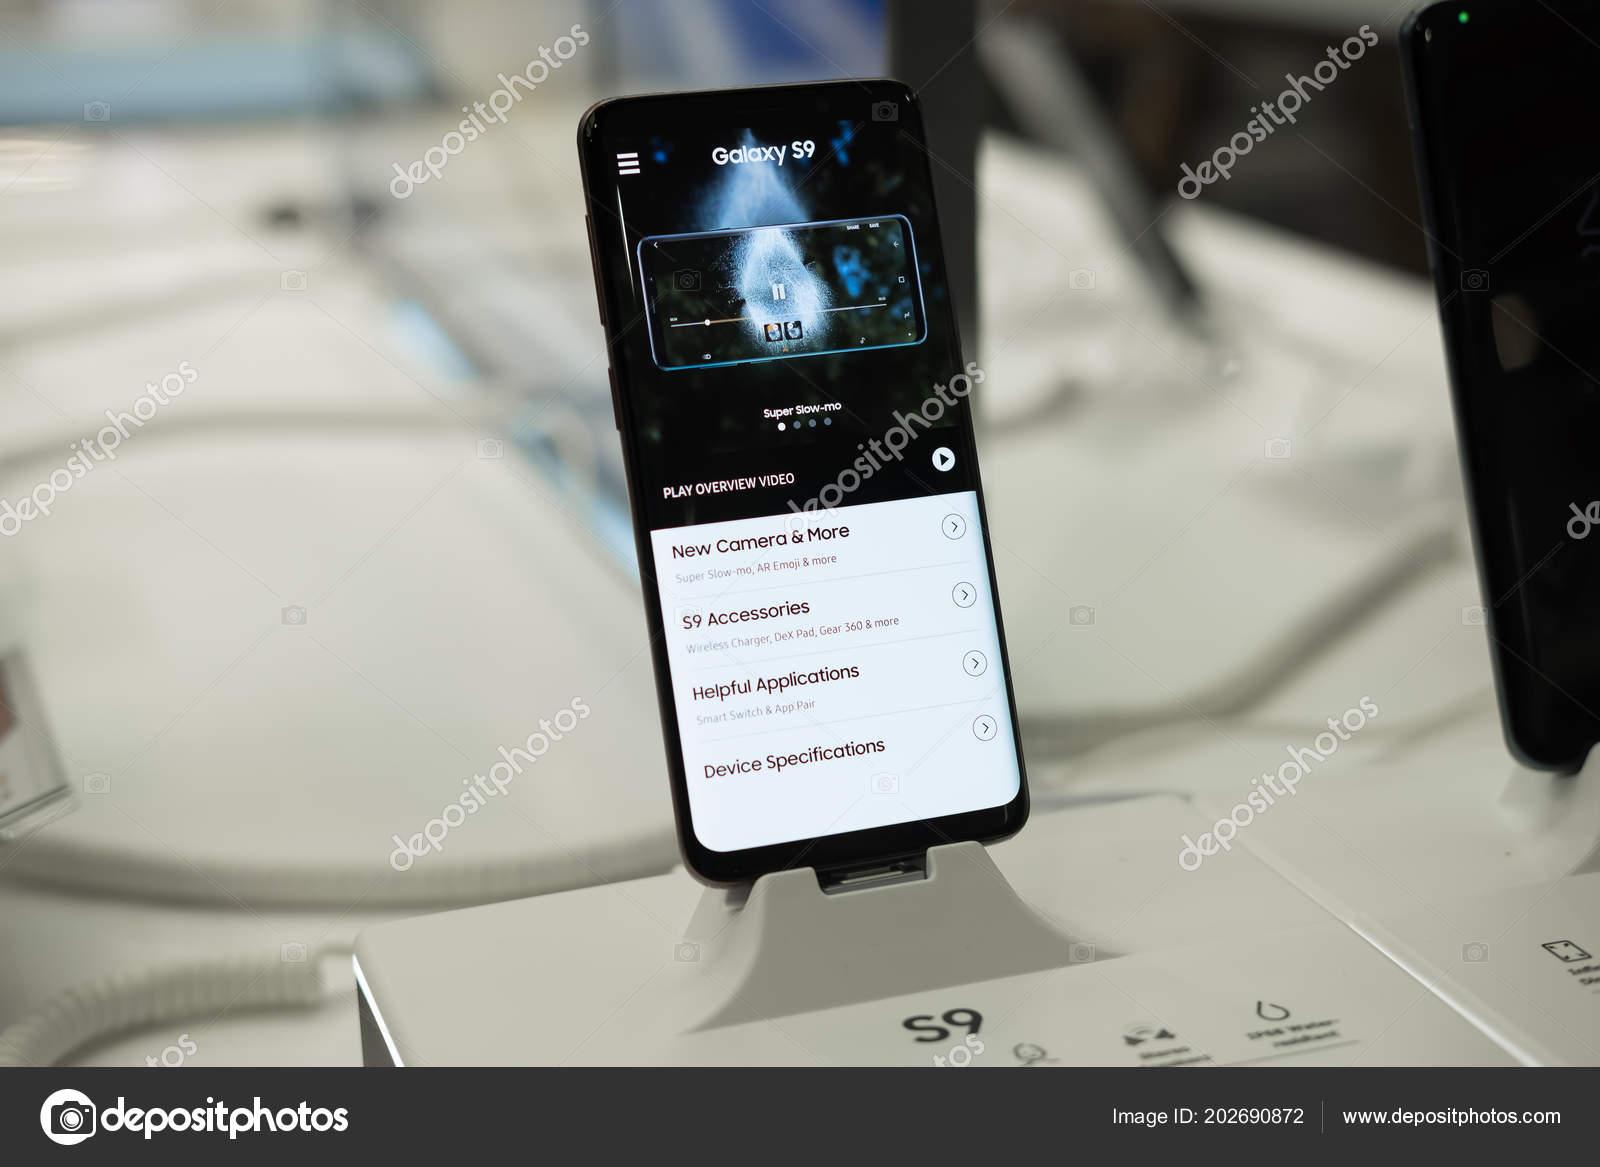 61c6ac5ff3 Chiang Mai, Tailândia - 1 de março de 2018: Recentemente lançado Samsung  Galaxy S9 e S9 Plus Smartphone é exibido com a tela inicial, lançamento de  s9 ...